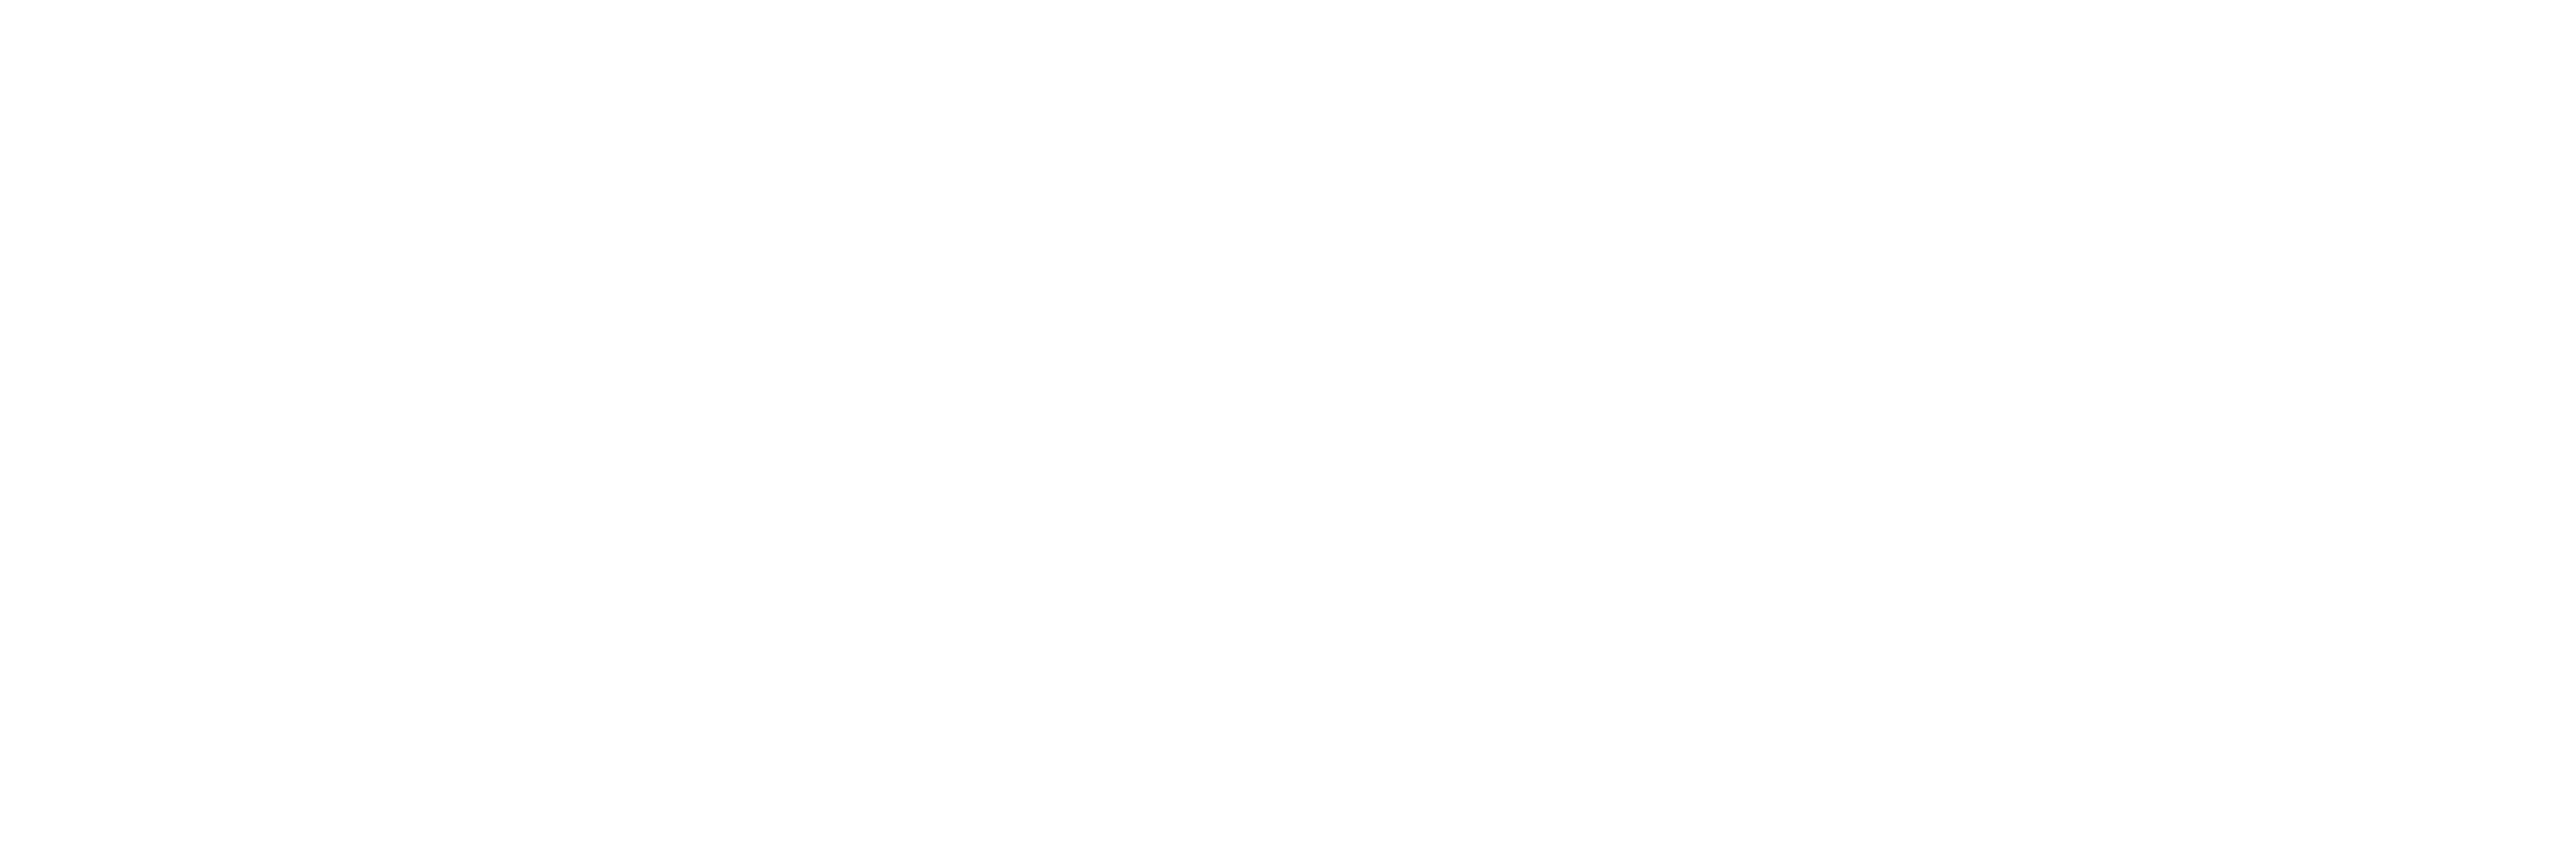 Deltek Advocate